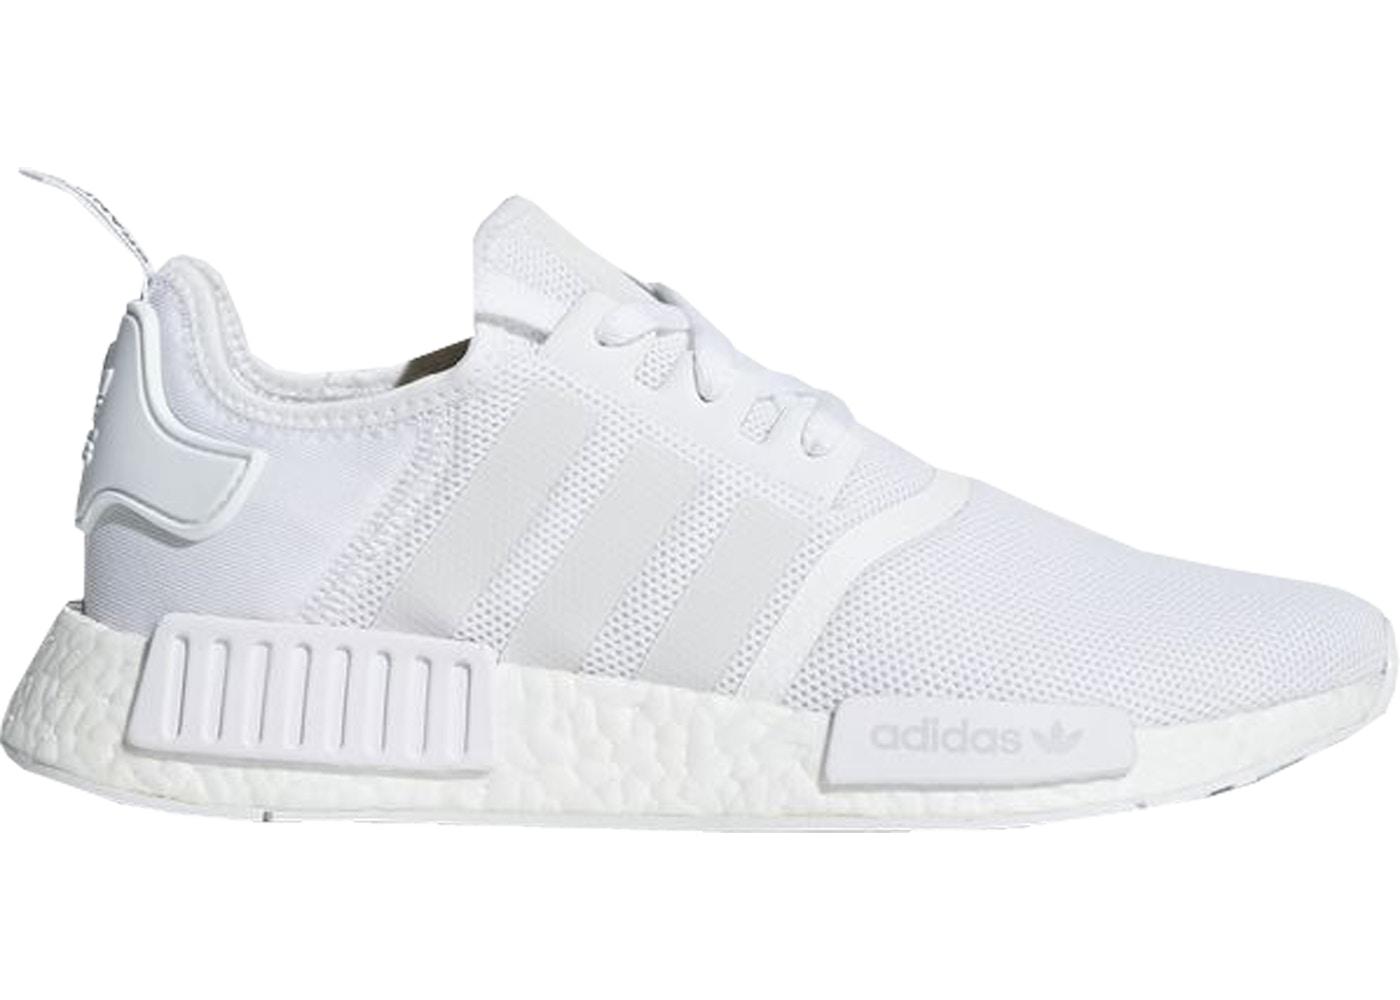 adidas NMD R1 Footwear White Trace Grey - CQ2411 ba871c8cbb03